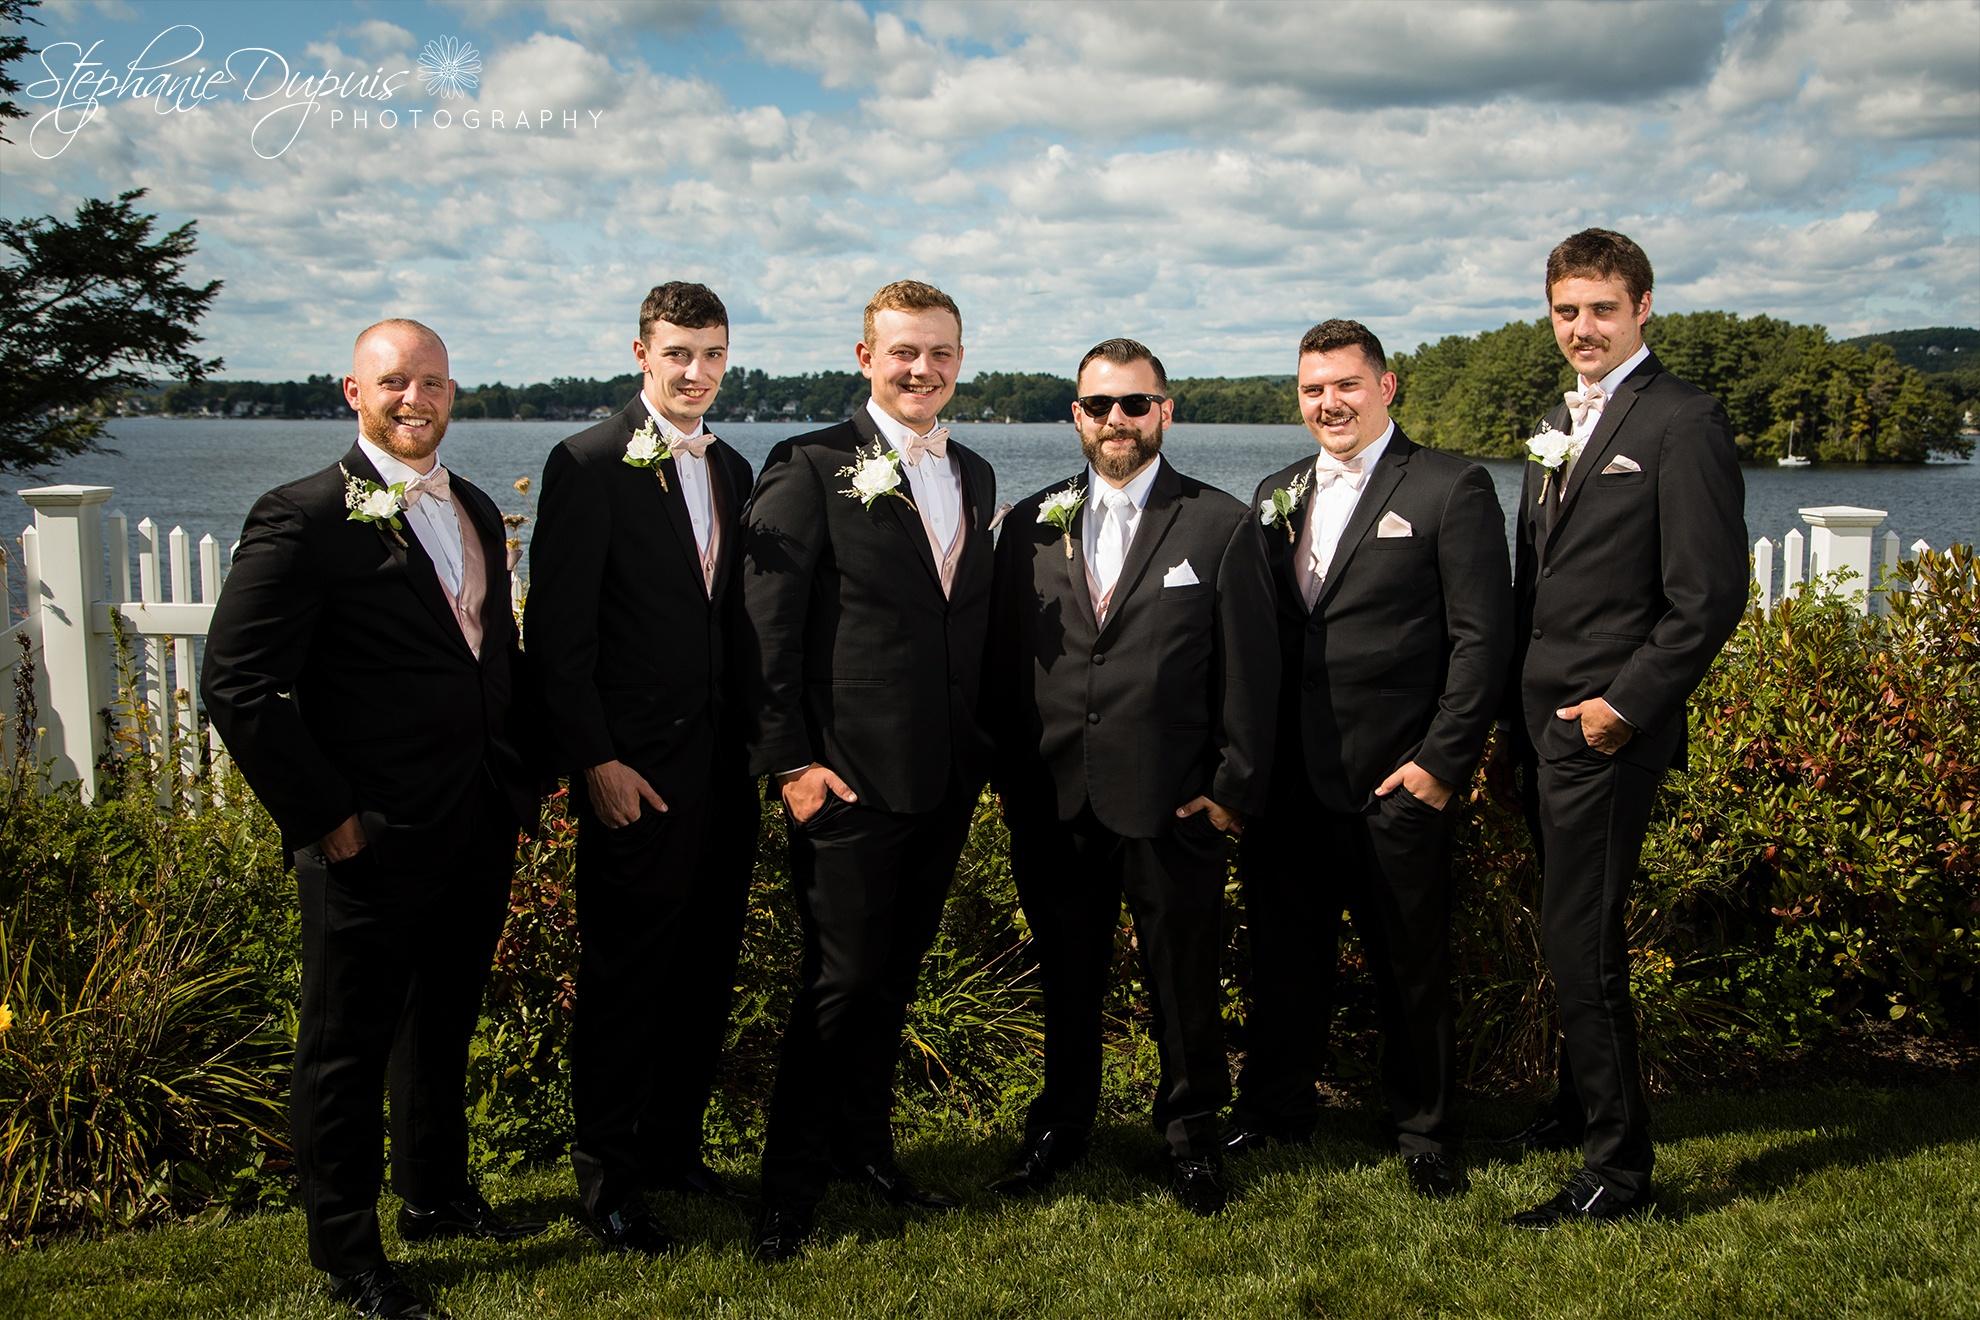 Gaffney 13 - Portfolio: Gaffney Wedding